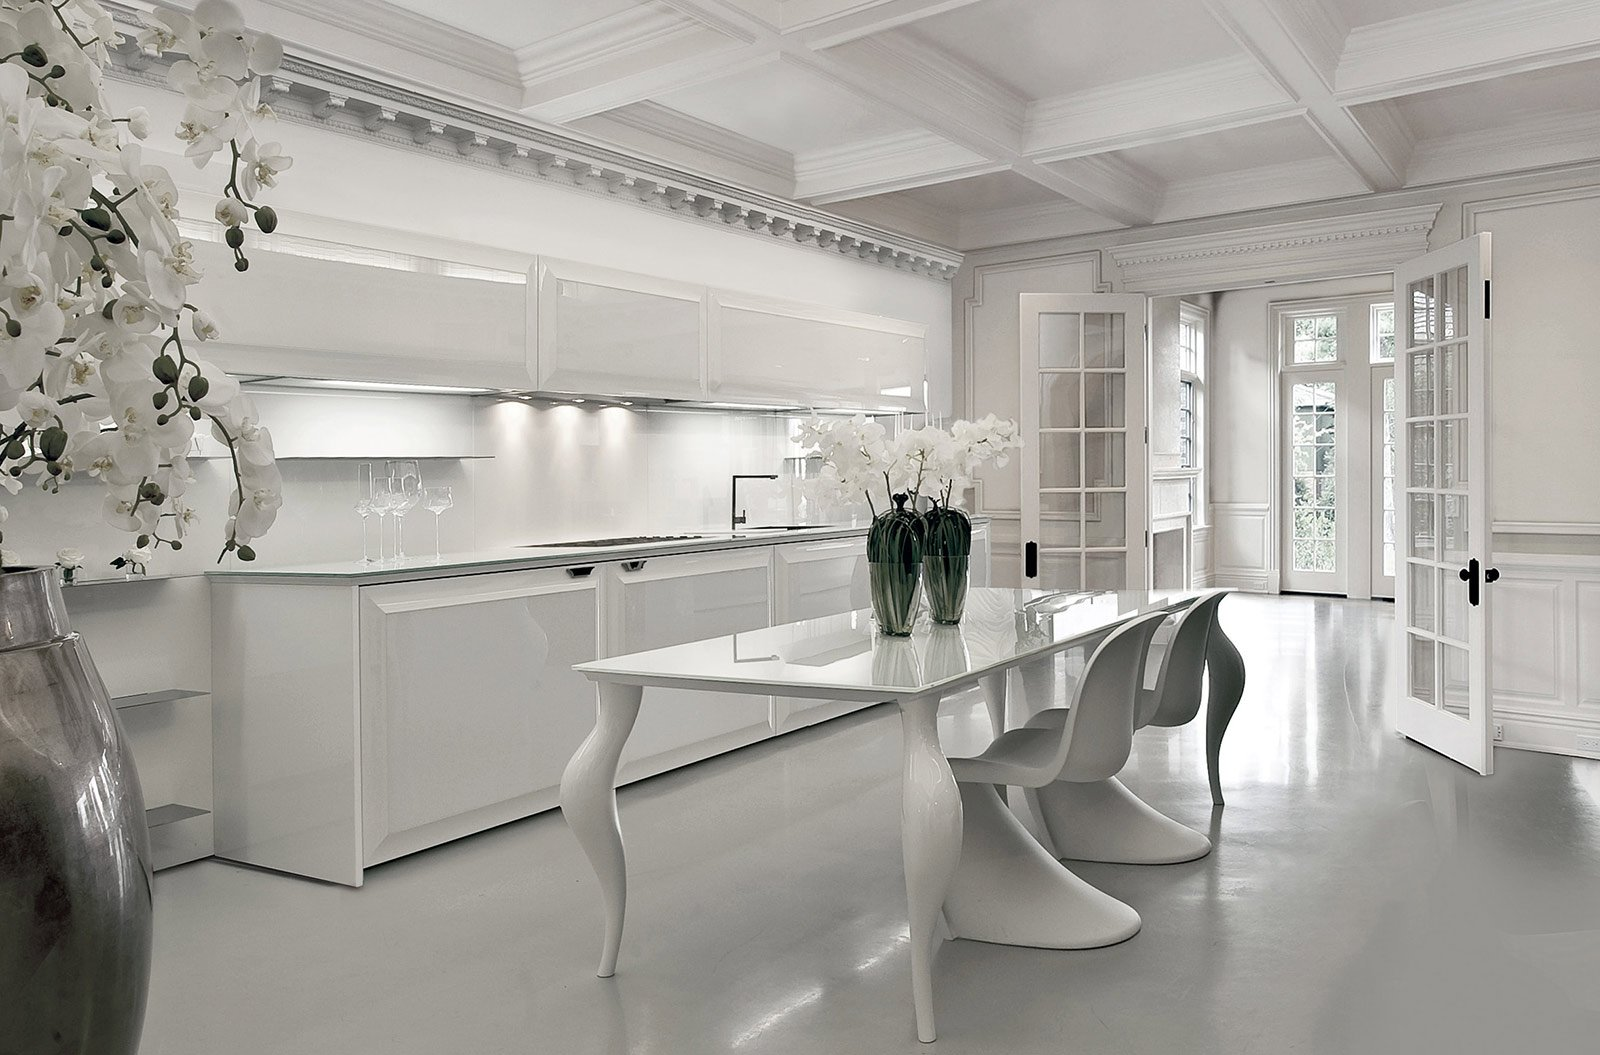 Cucine in stile cose di casa - Pannelli da cucina ...